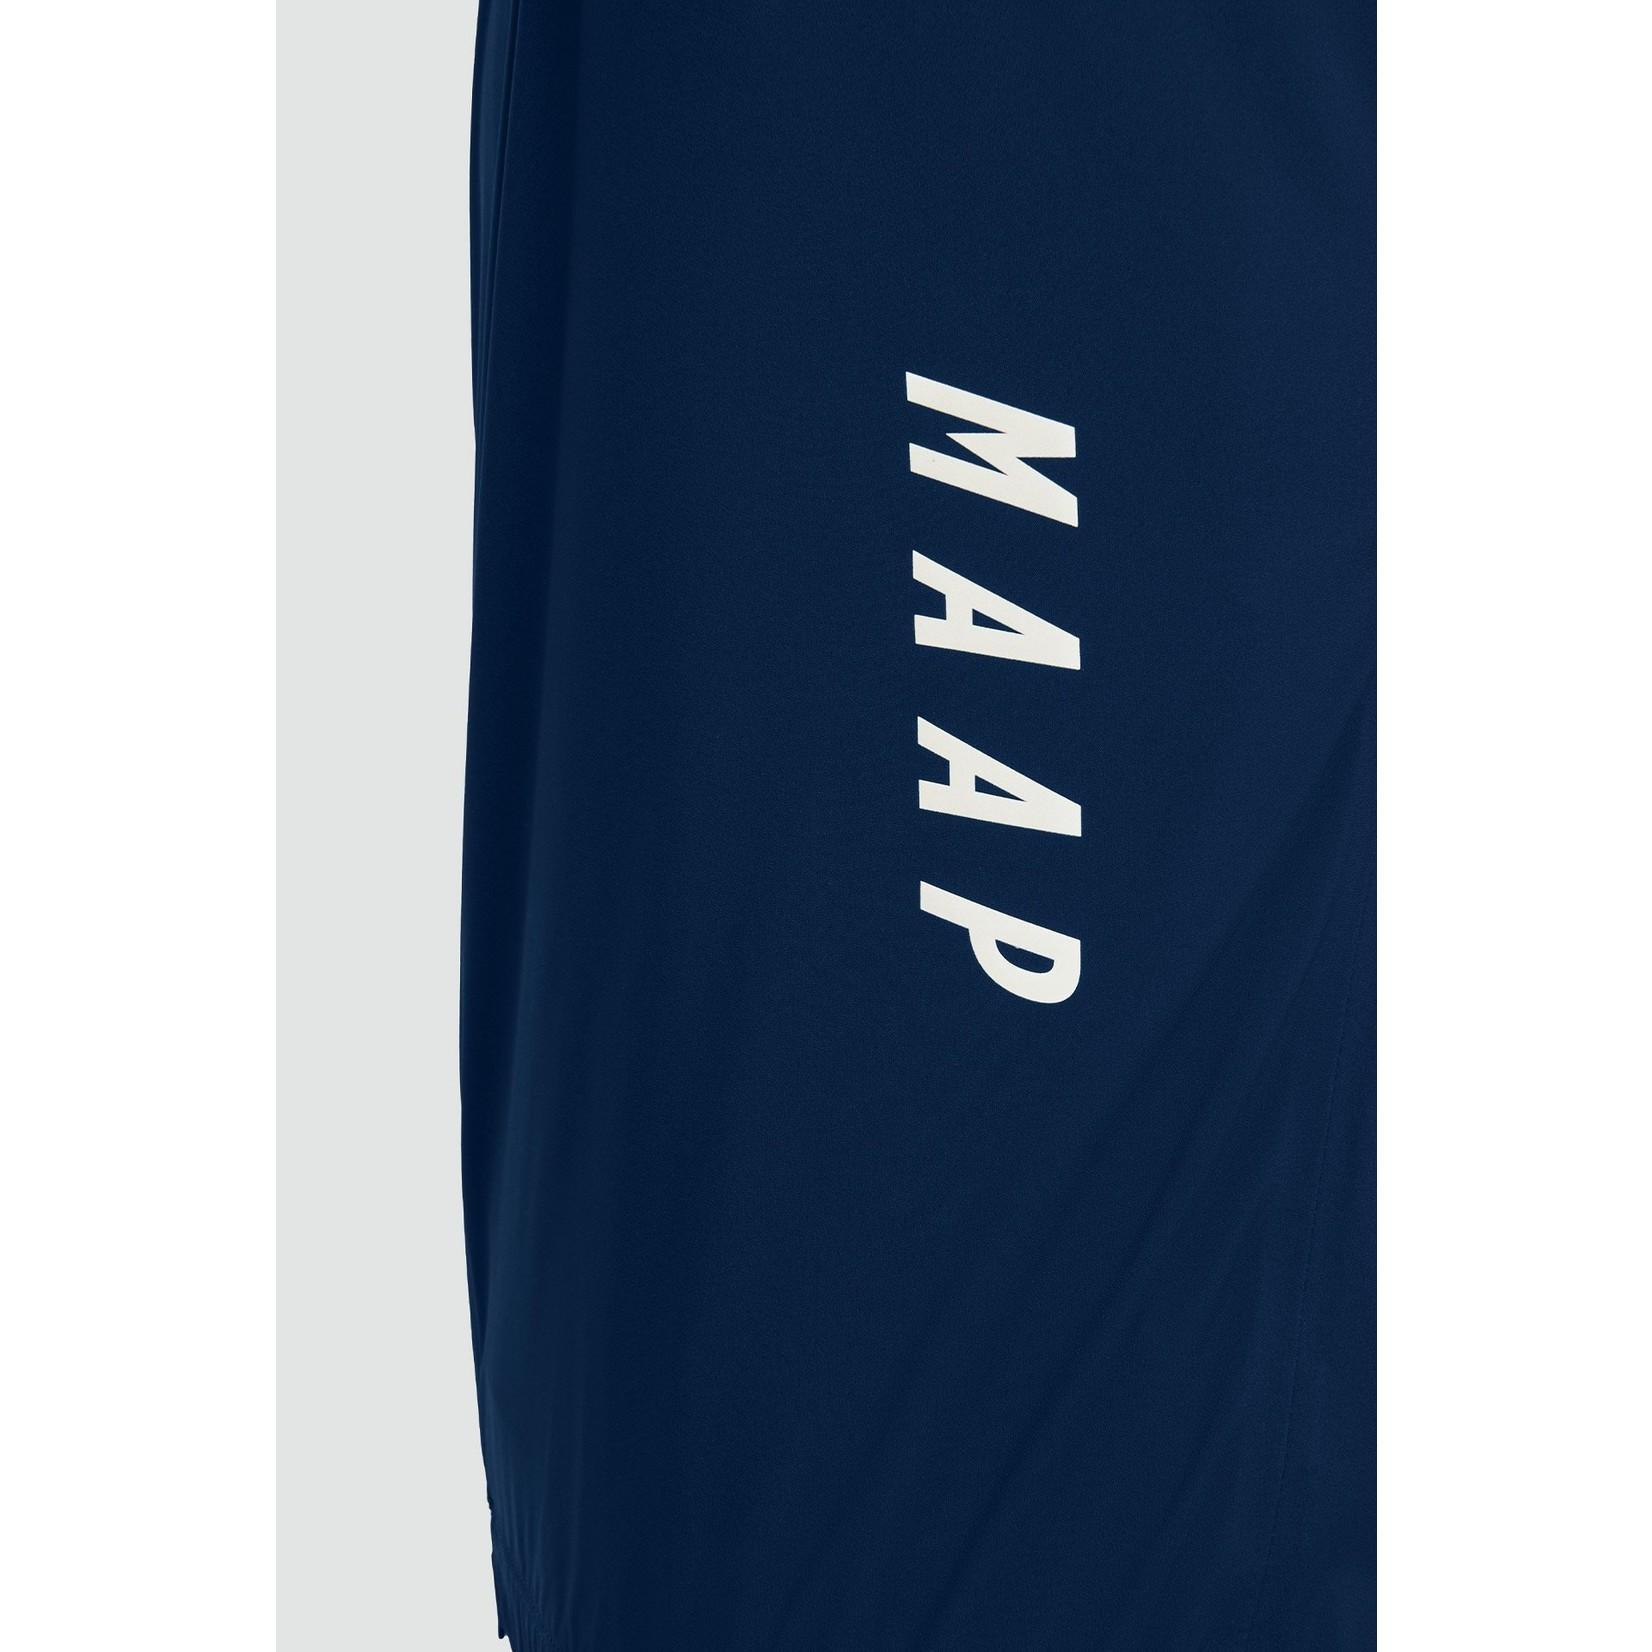 Maap MAAP - Prime Stow Vest - Navy